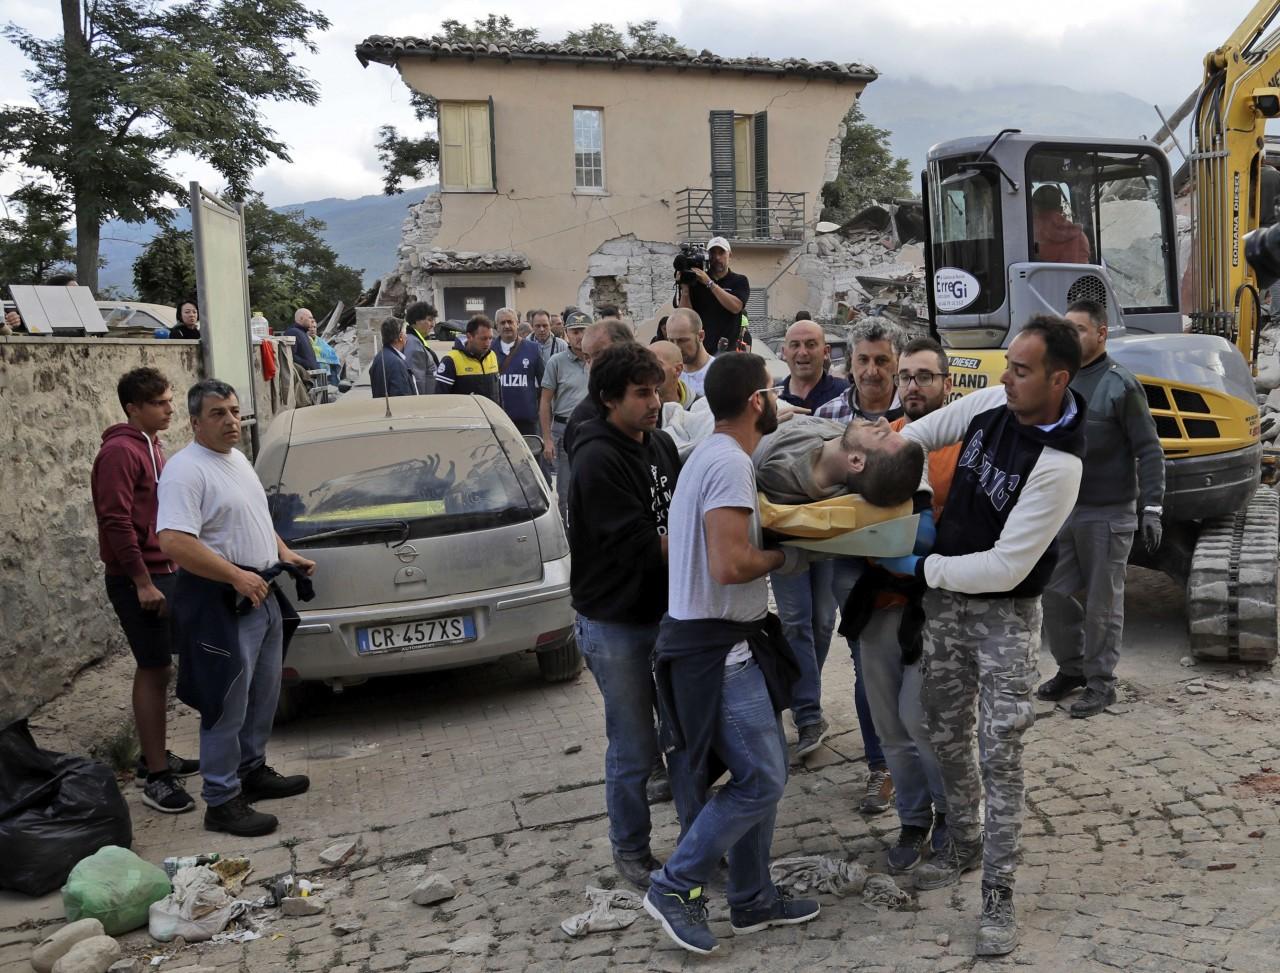 Εικόνες-ΣΟΚ από τον καταστροφικό σεισμό στην Ιταλία (ΦΩΤΟ+ΒΙΝΤΕΟ)